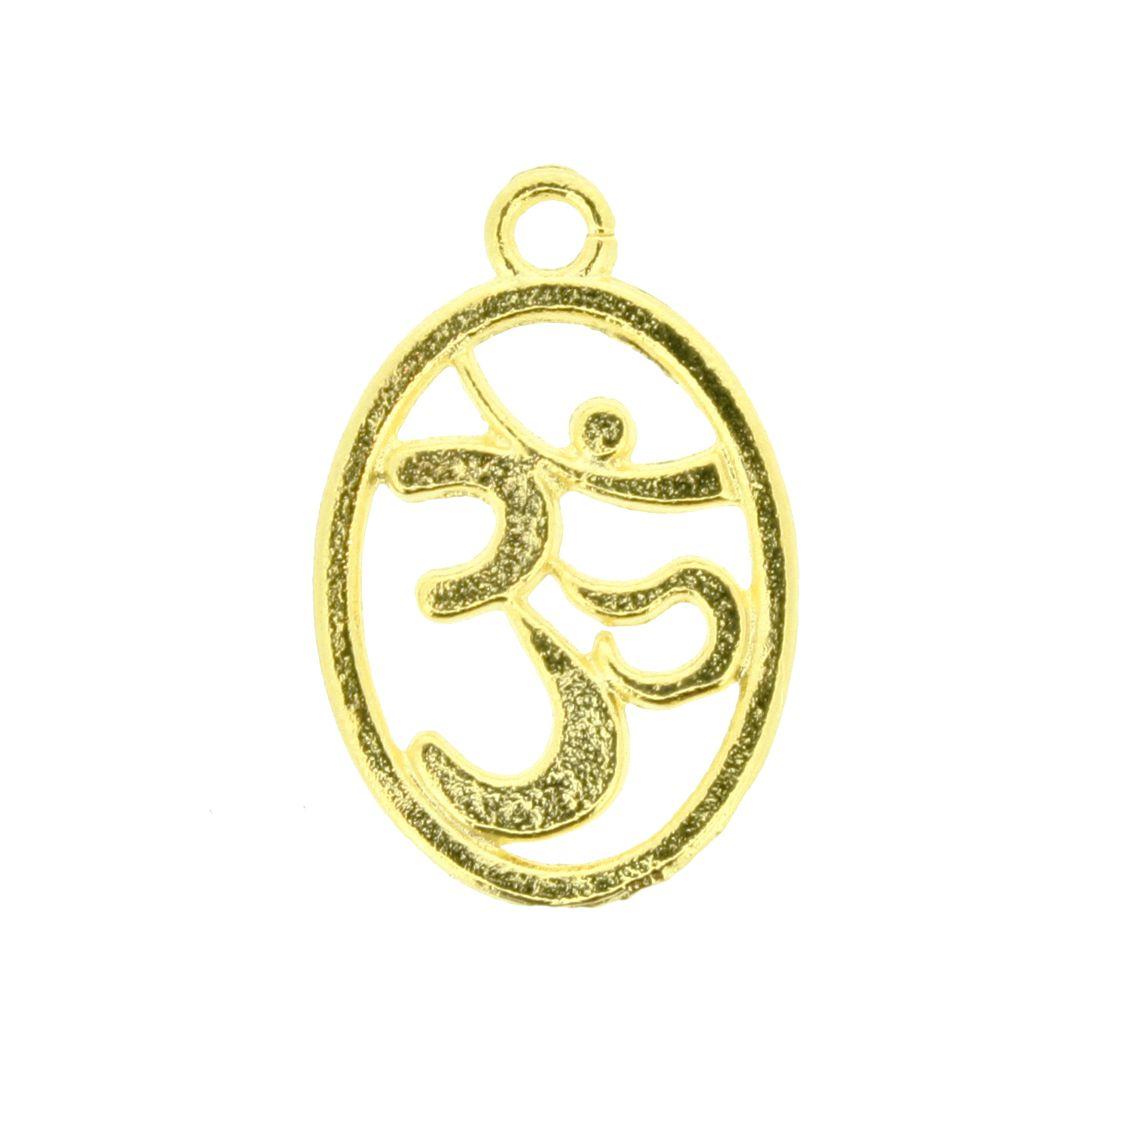 Simbolo Om - Dourado - 21mm  - Stéphanie Bijoux® - Peças para Bijuterias e Artesanato